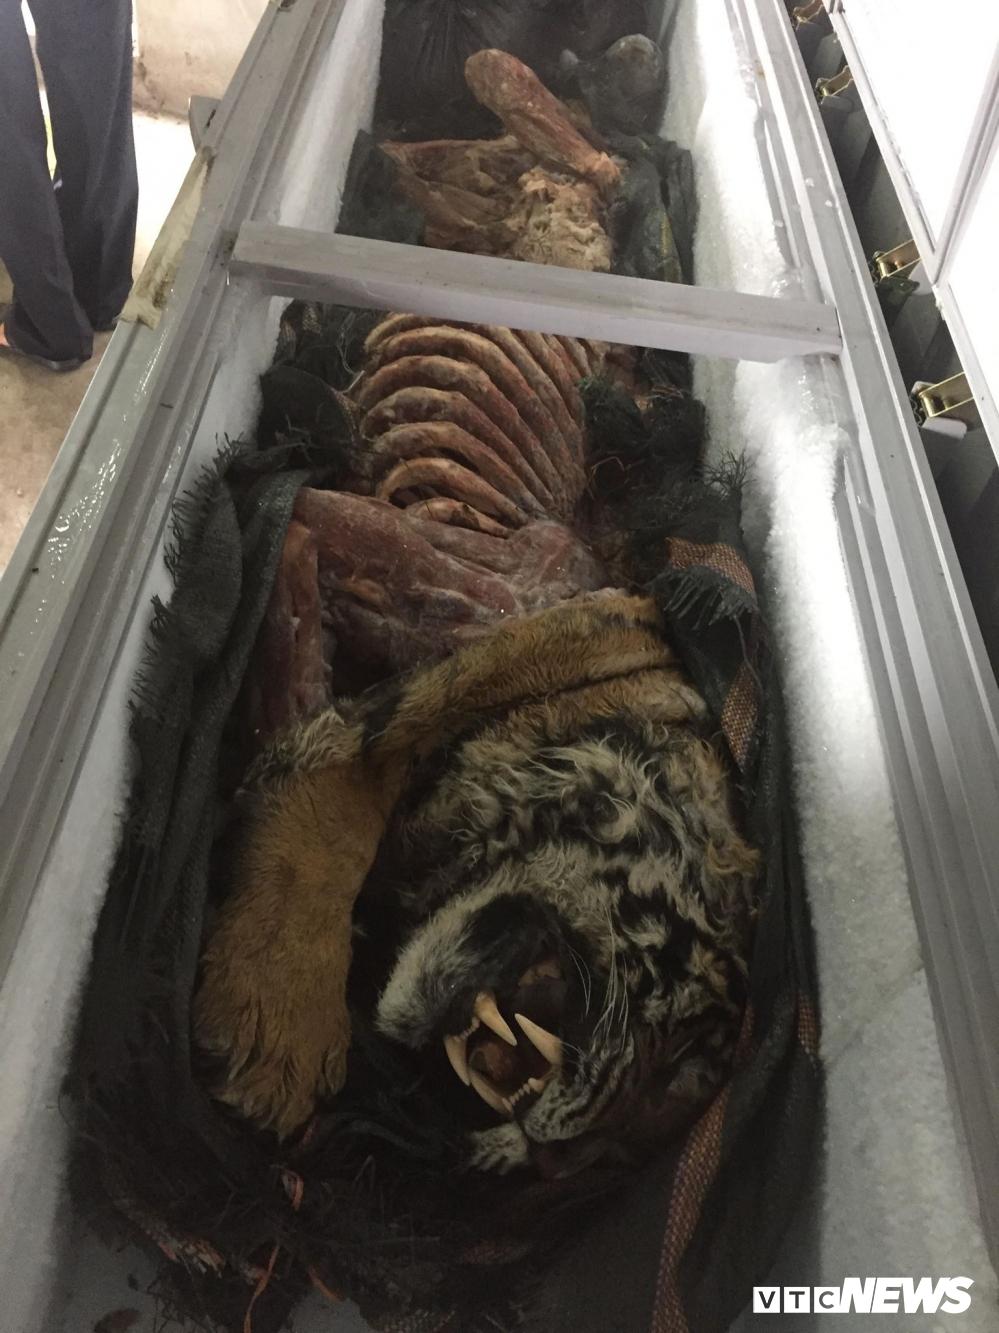 Tận mắt buổi 'hành quyết' chúa sơn lâm ở lò nấu cao hổ vùng Tây Bắc